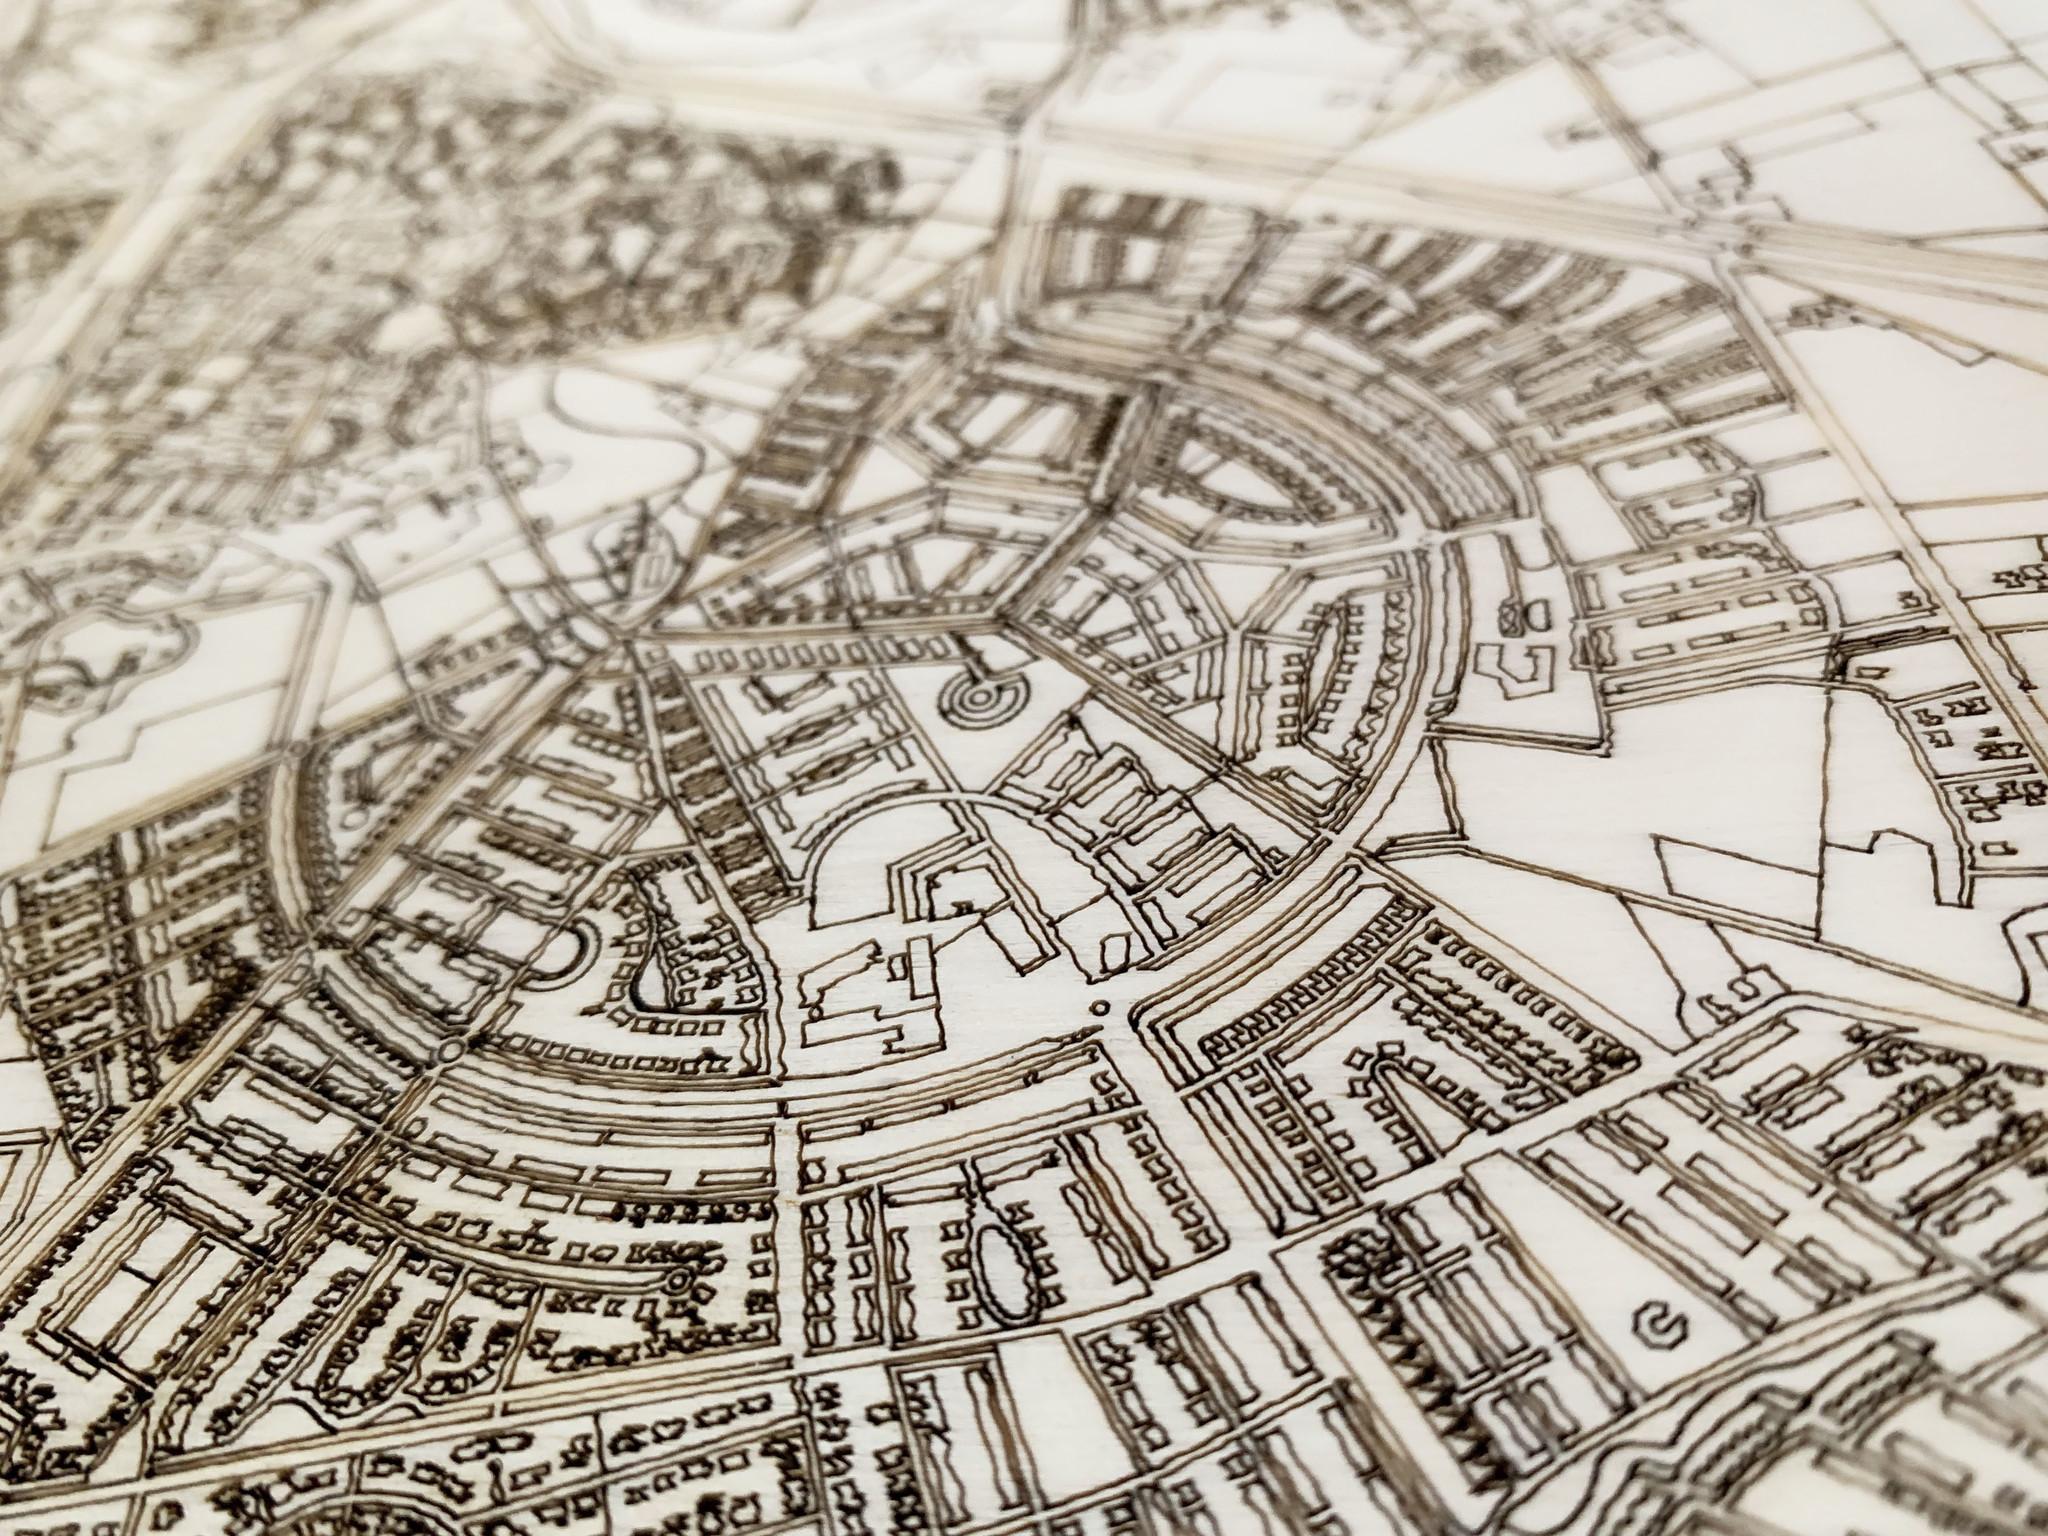 Hölzerner Stadtplan Eindhoven-3